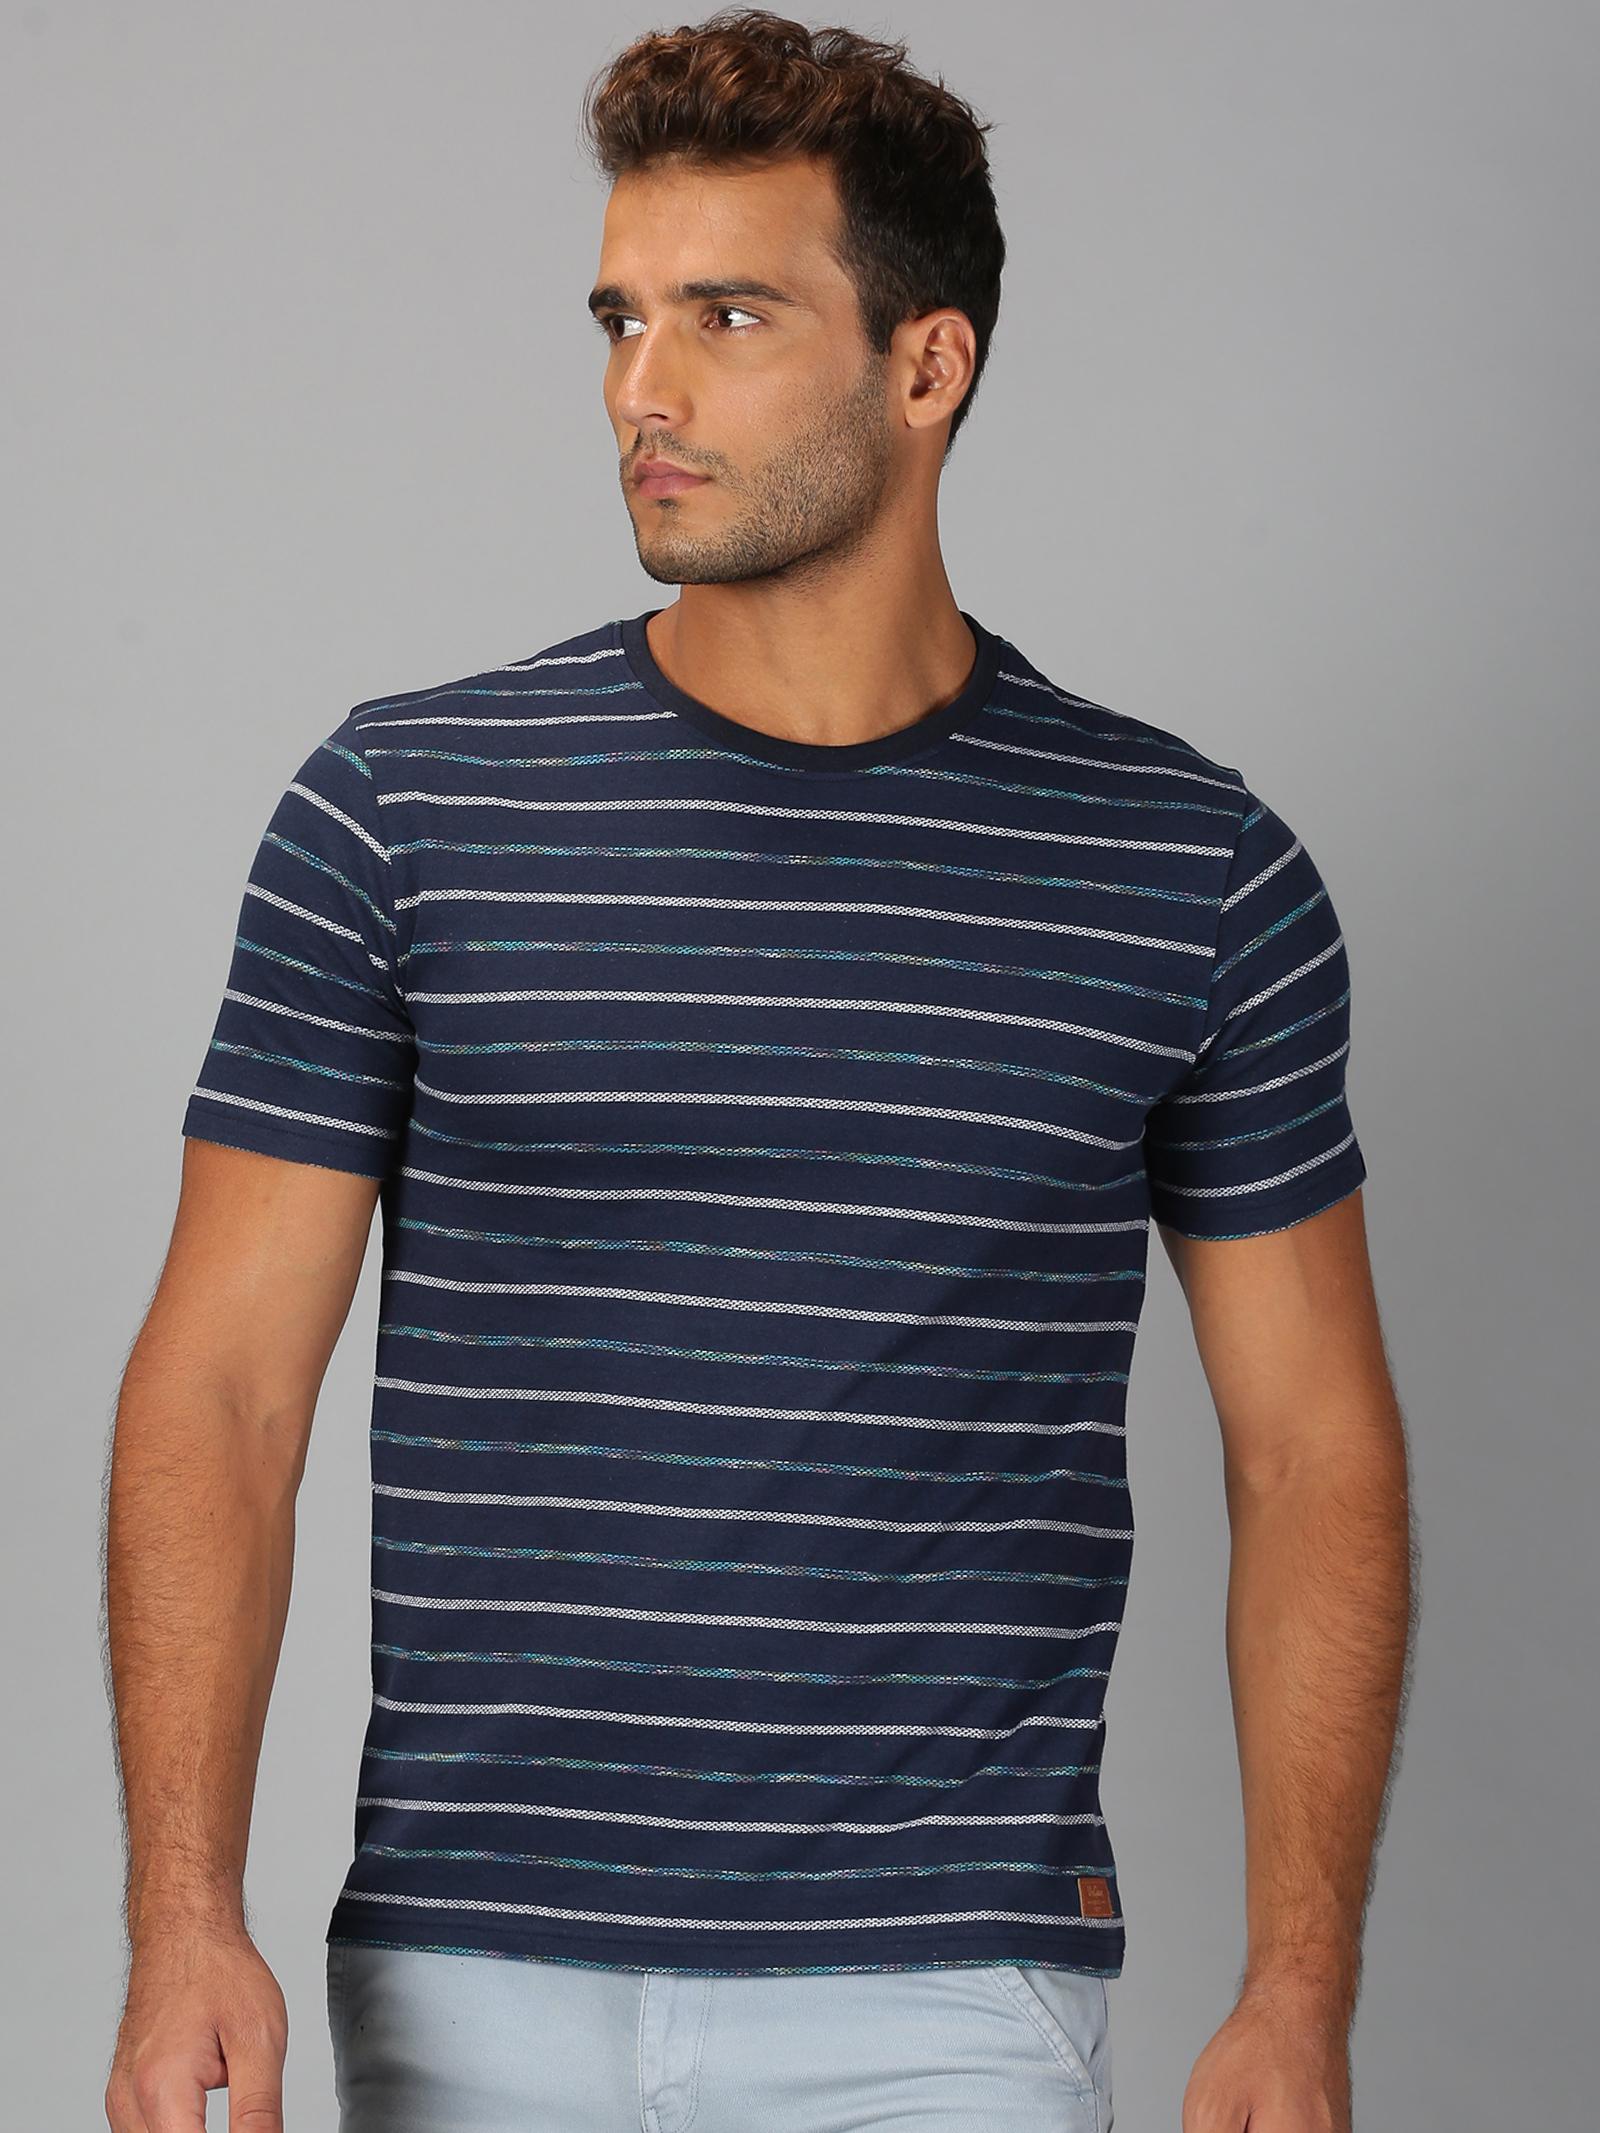 UrGear | Mens Round Neck Striped Navy White T-Shirt